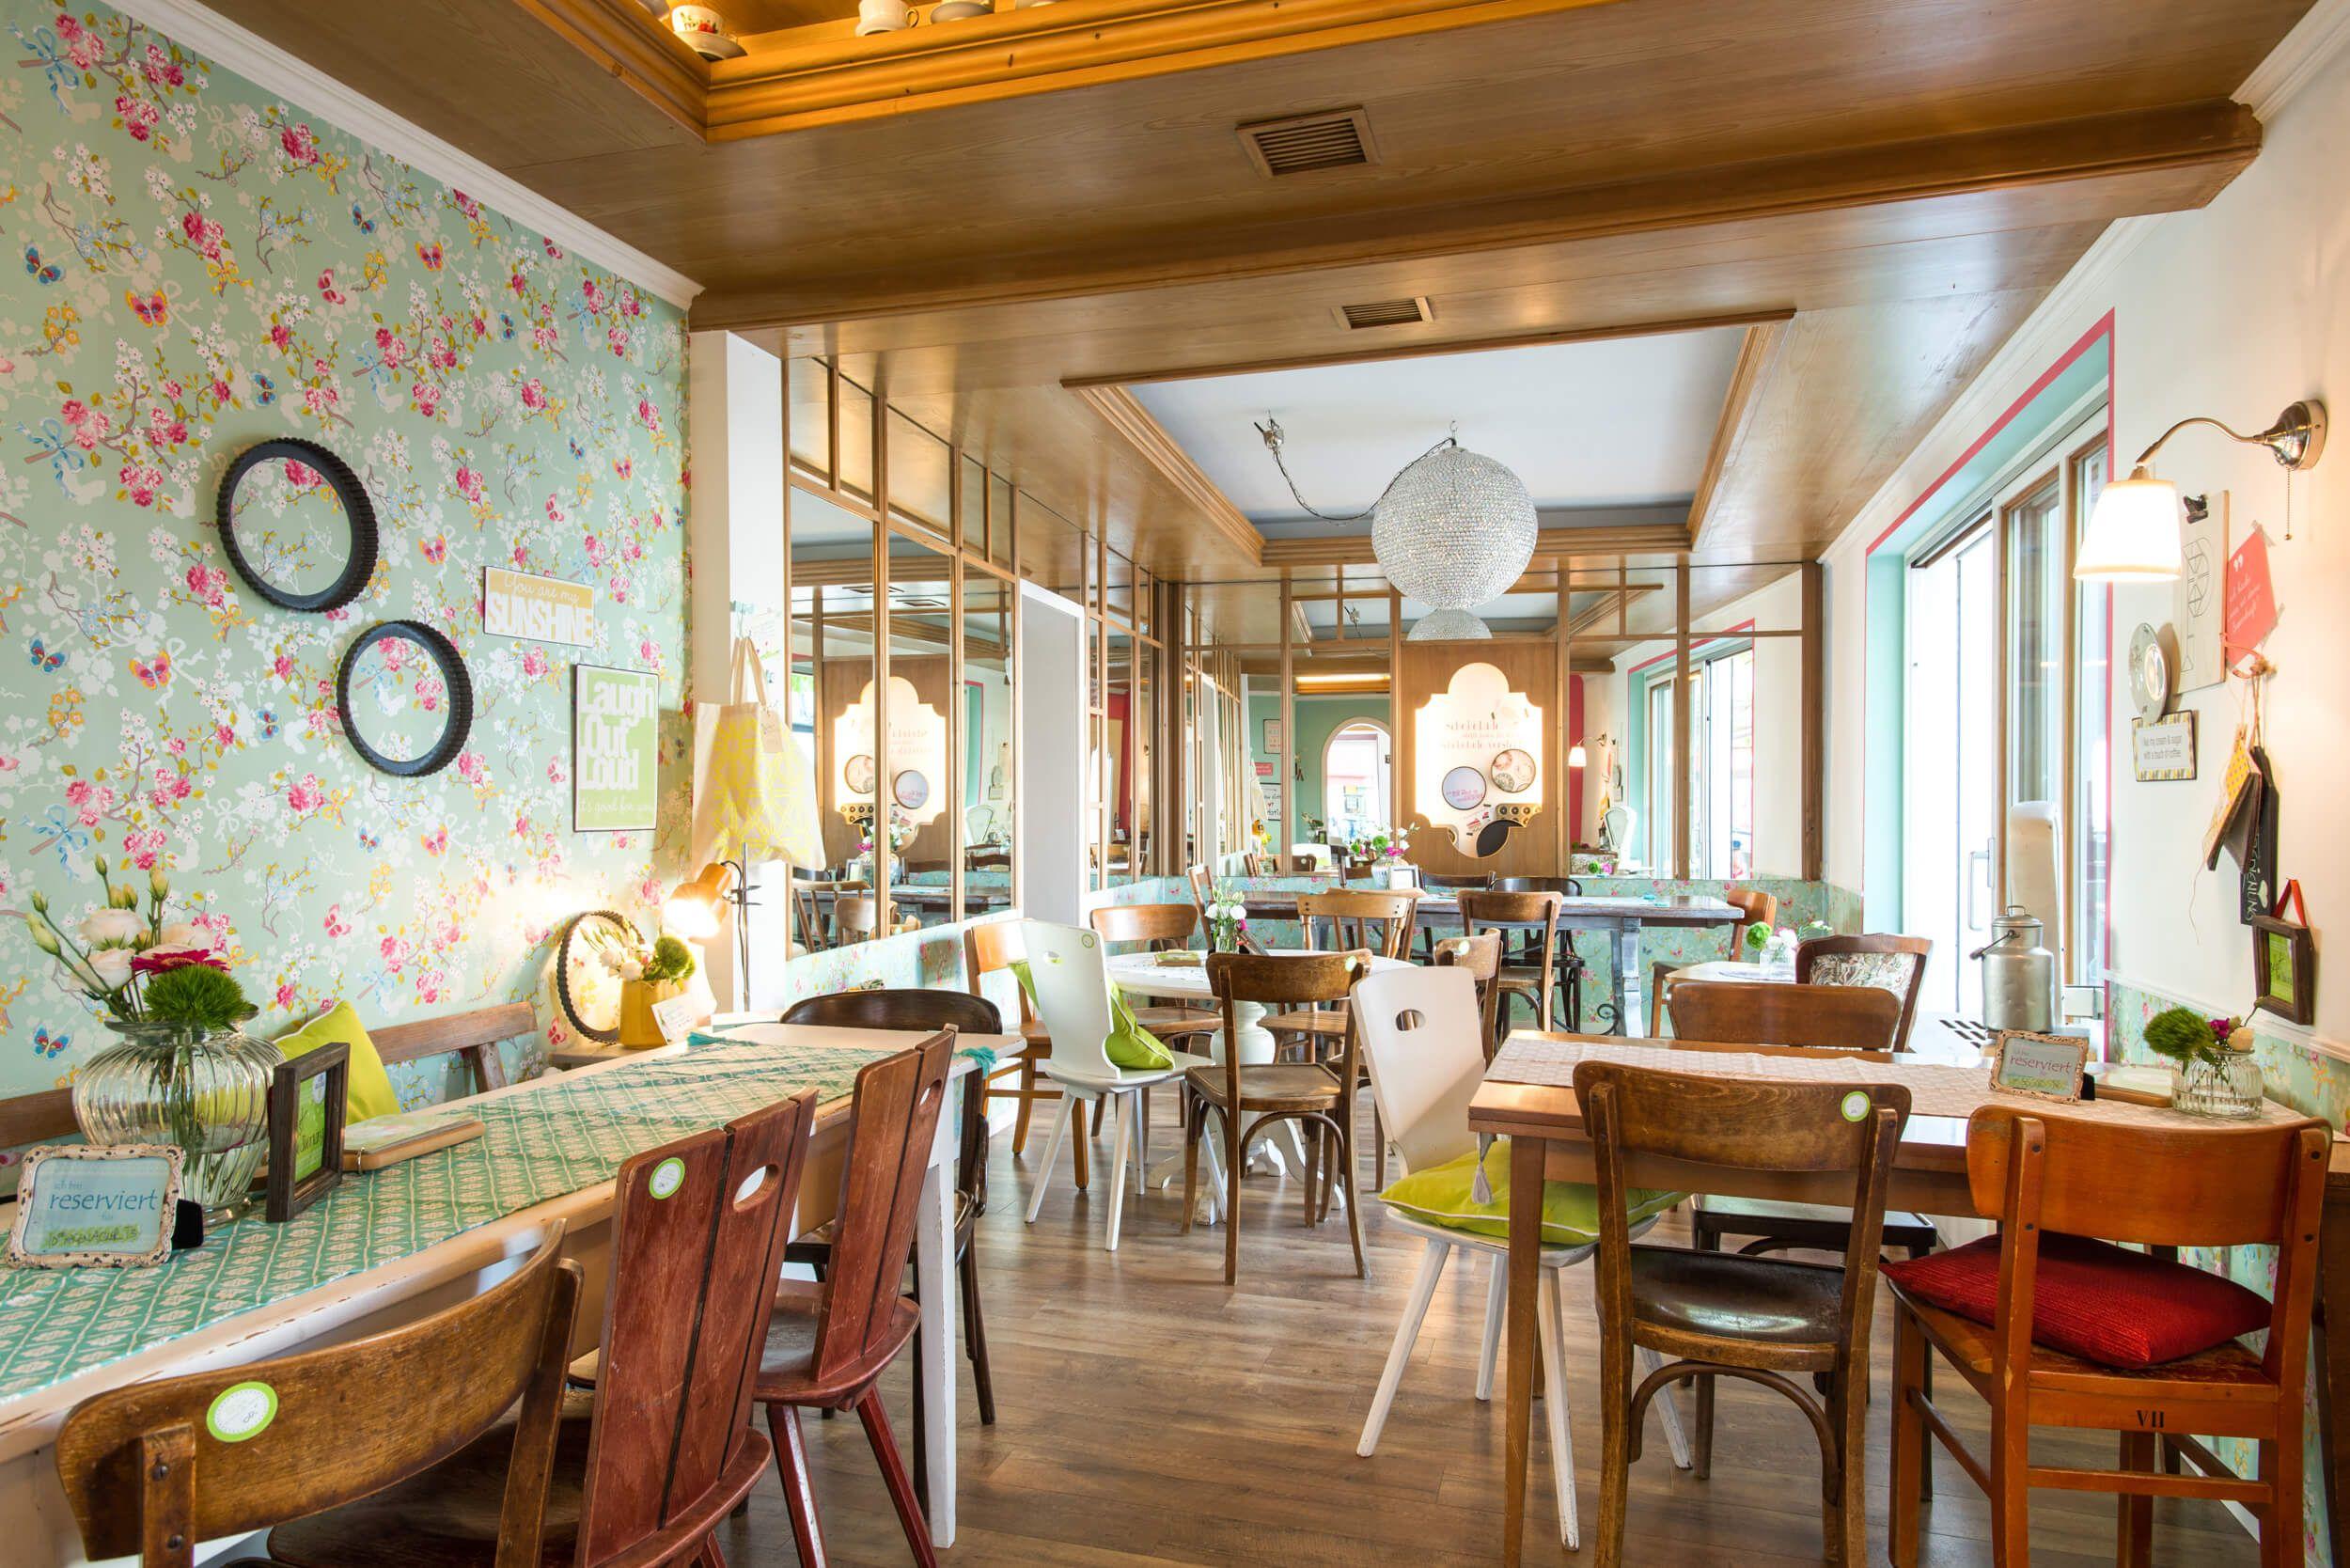 Cafe Glucklich In Ravensburg Hausgemacht Glucklich Hausgemachte Kuchen